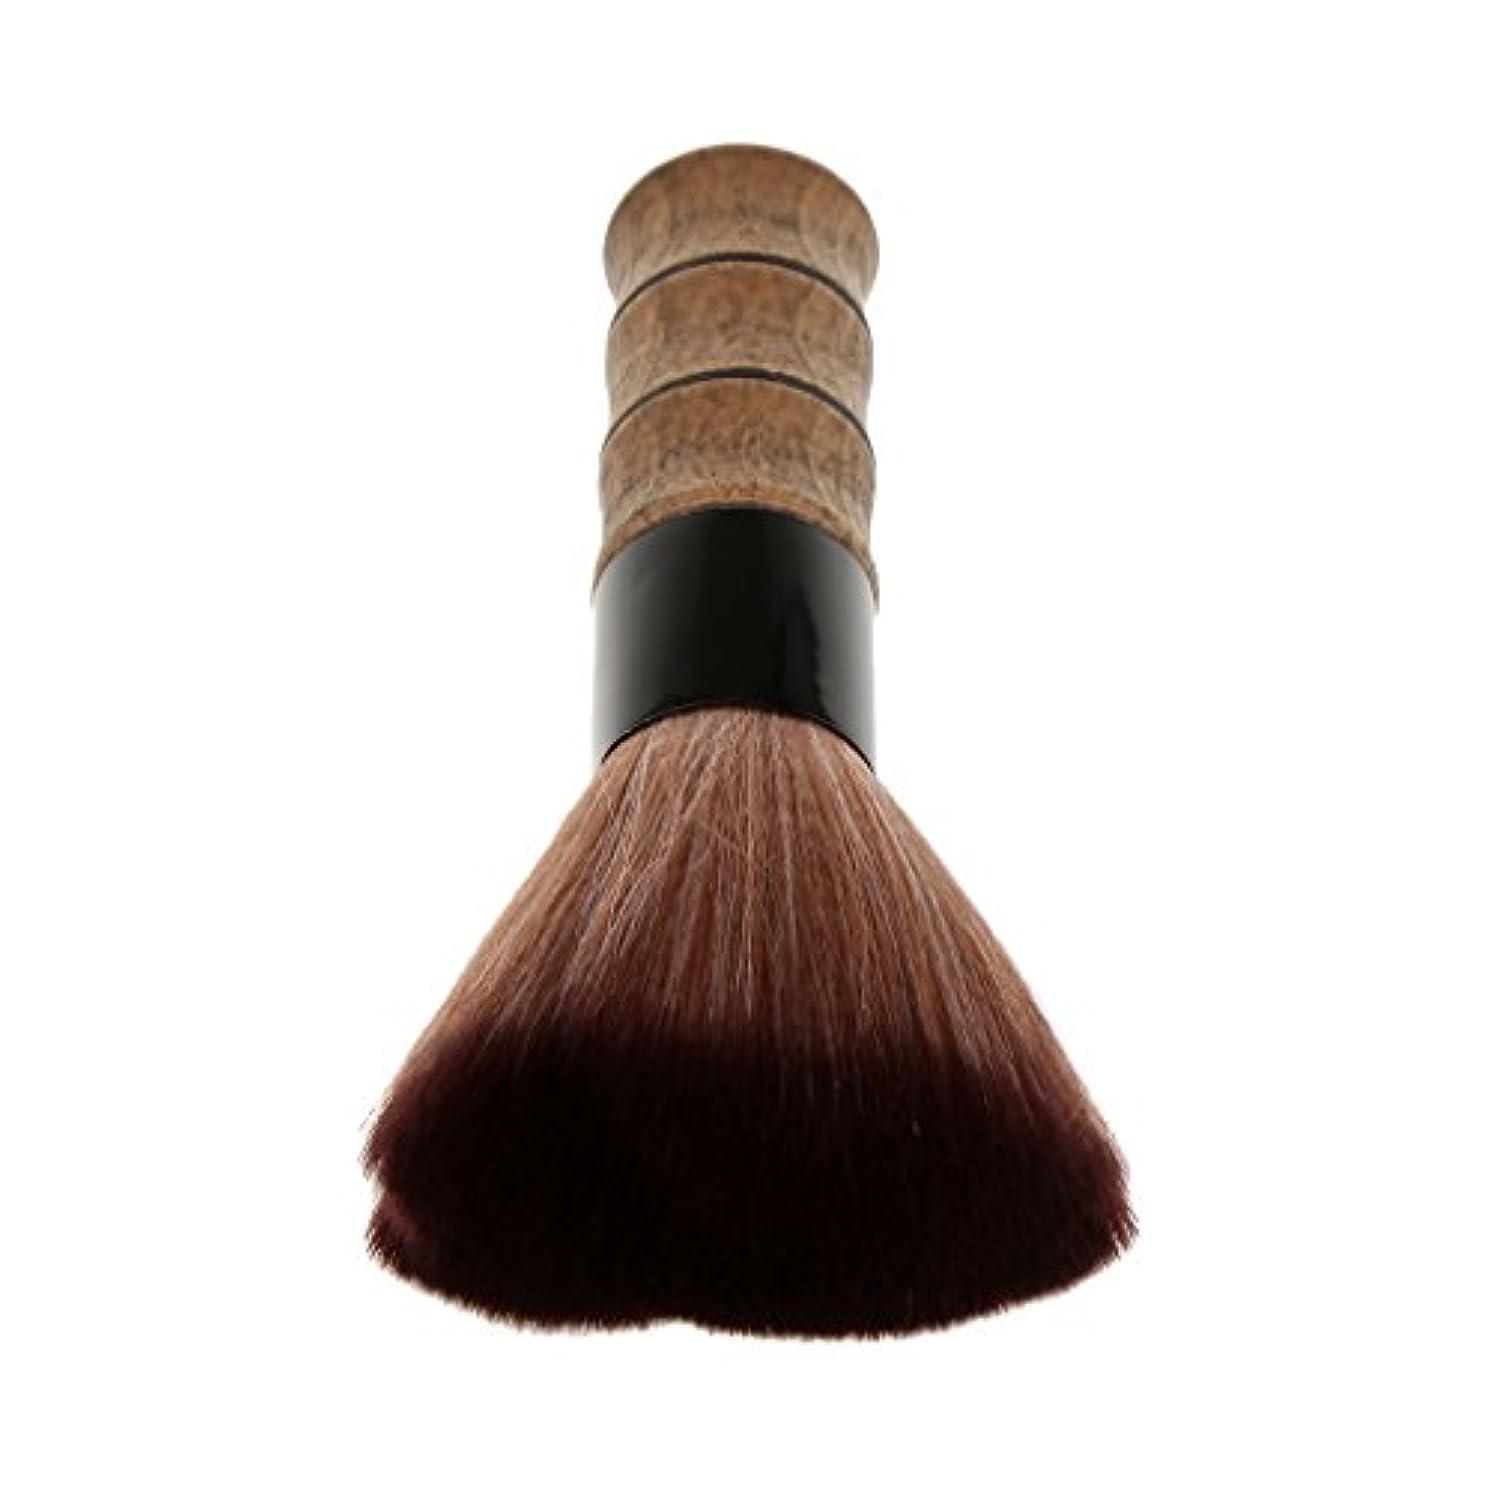 郵便局獣叙情的なFenteer シェービングブラシ ソフトファイバー 脱毛 シェービング ブラシ ブラッシュ ルーズパウダー メイクブラシ 繊維+竹ハンドル 2色選べる - 褐色